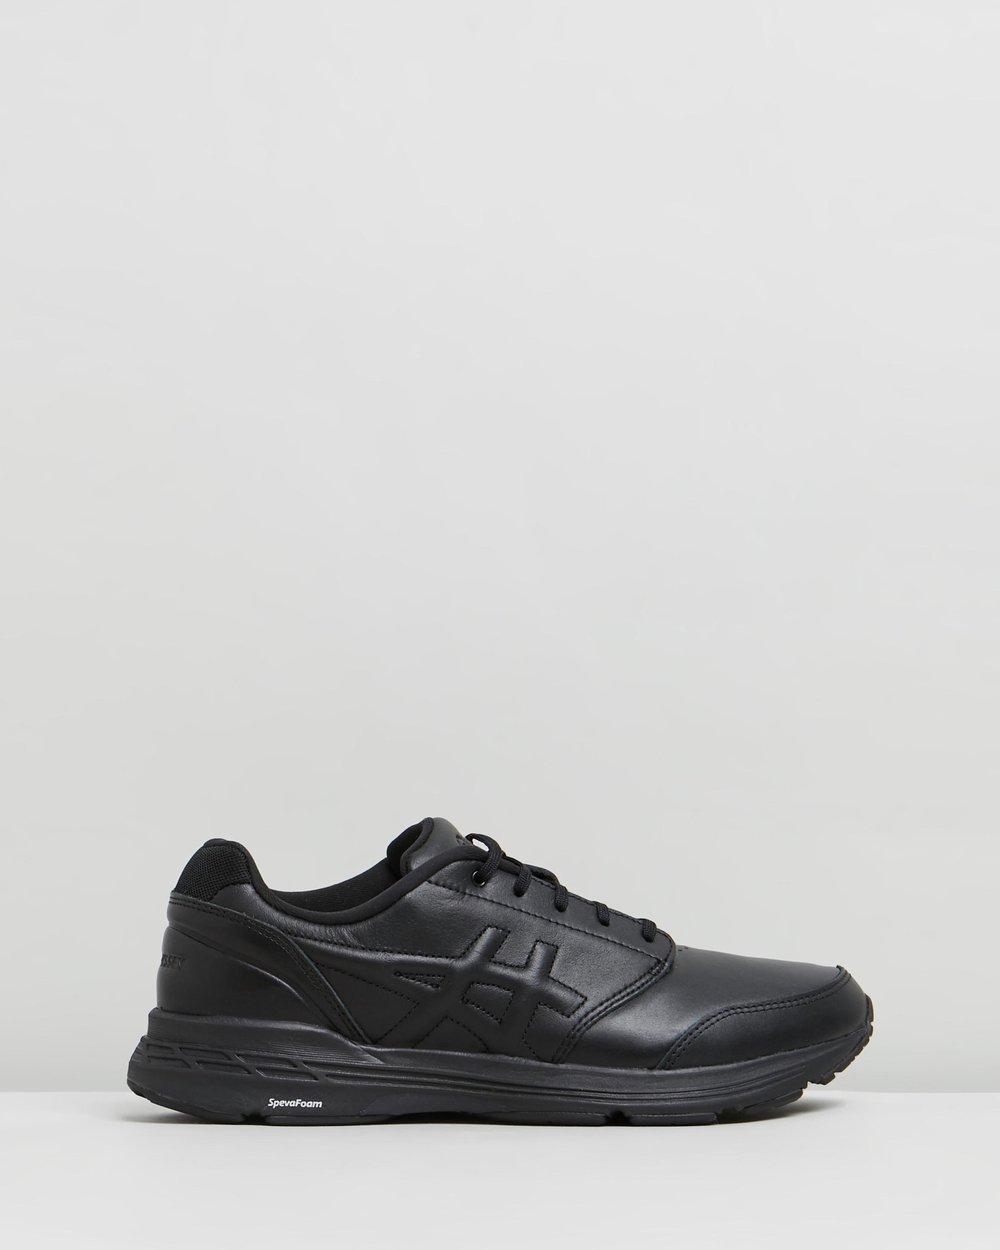 נעלי ריצה אסיקס לגברים Asics Gel Odyddey - שחור